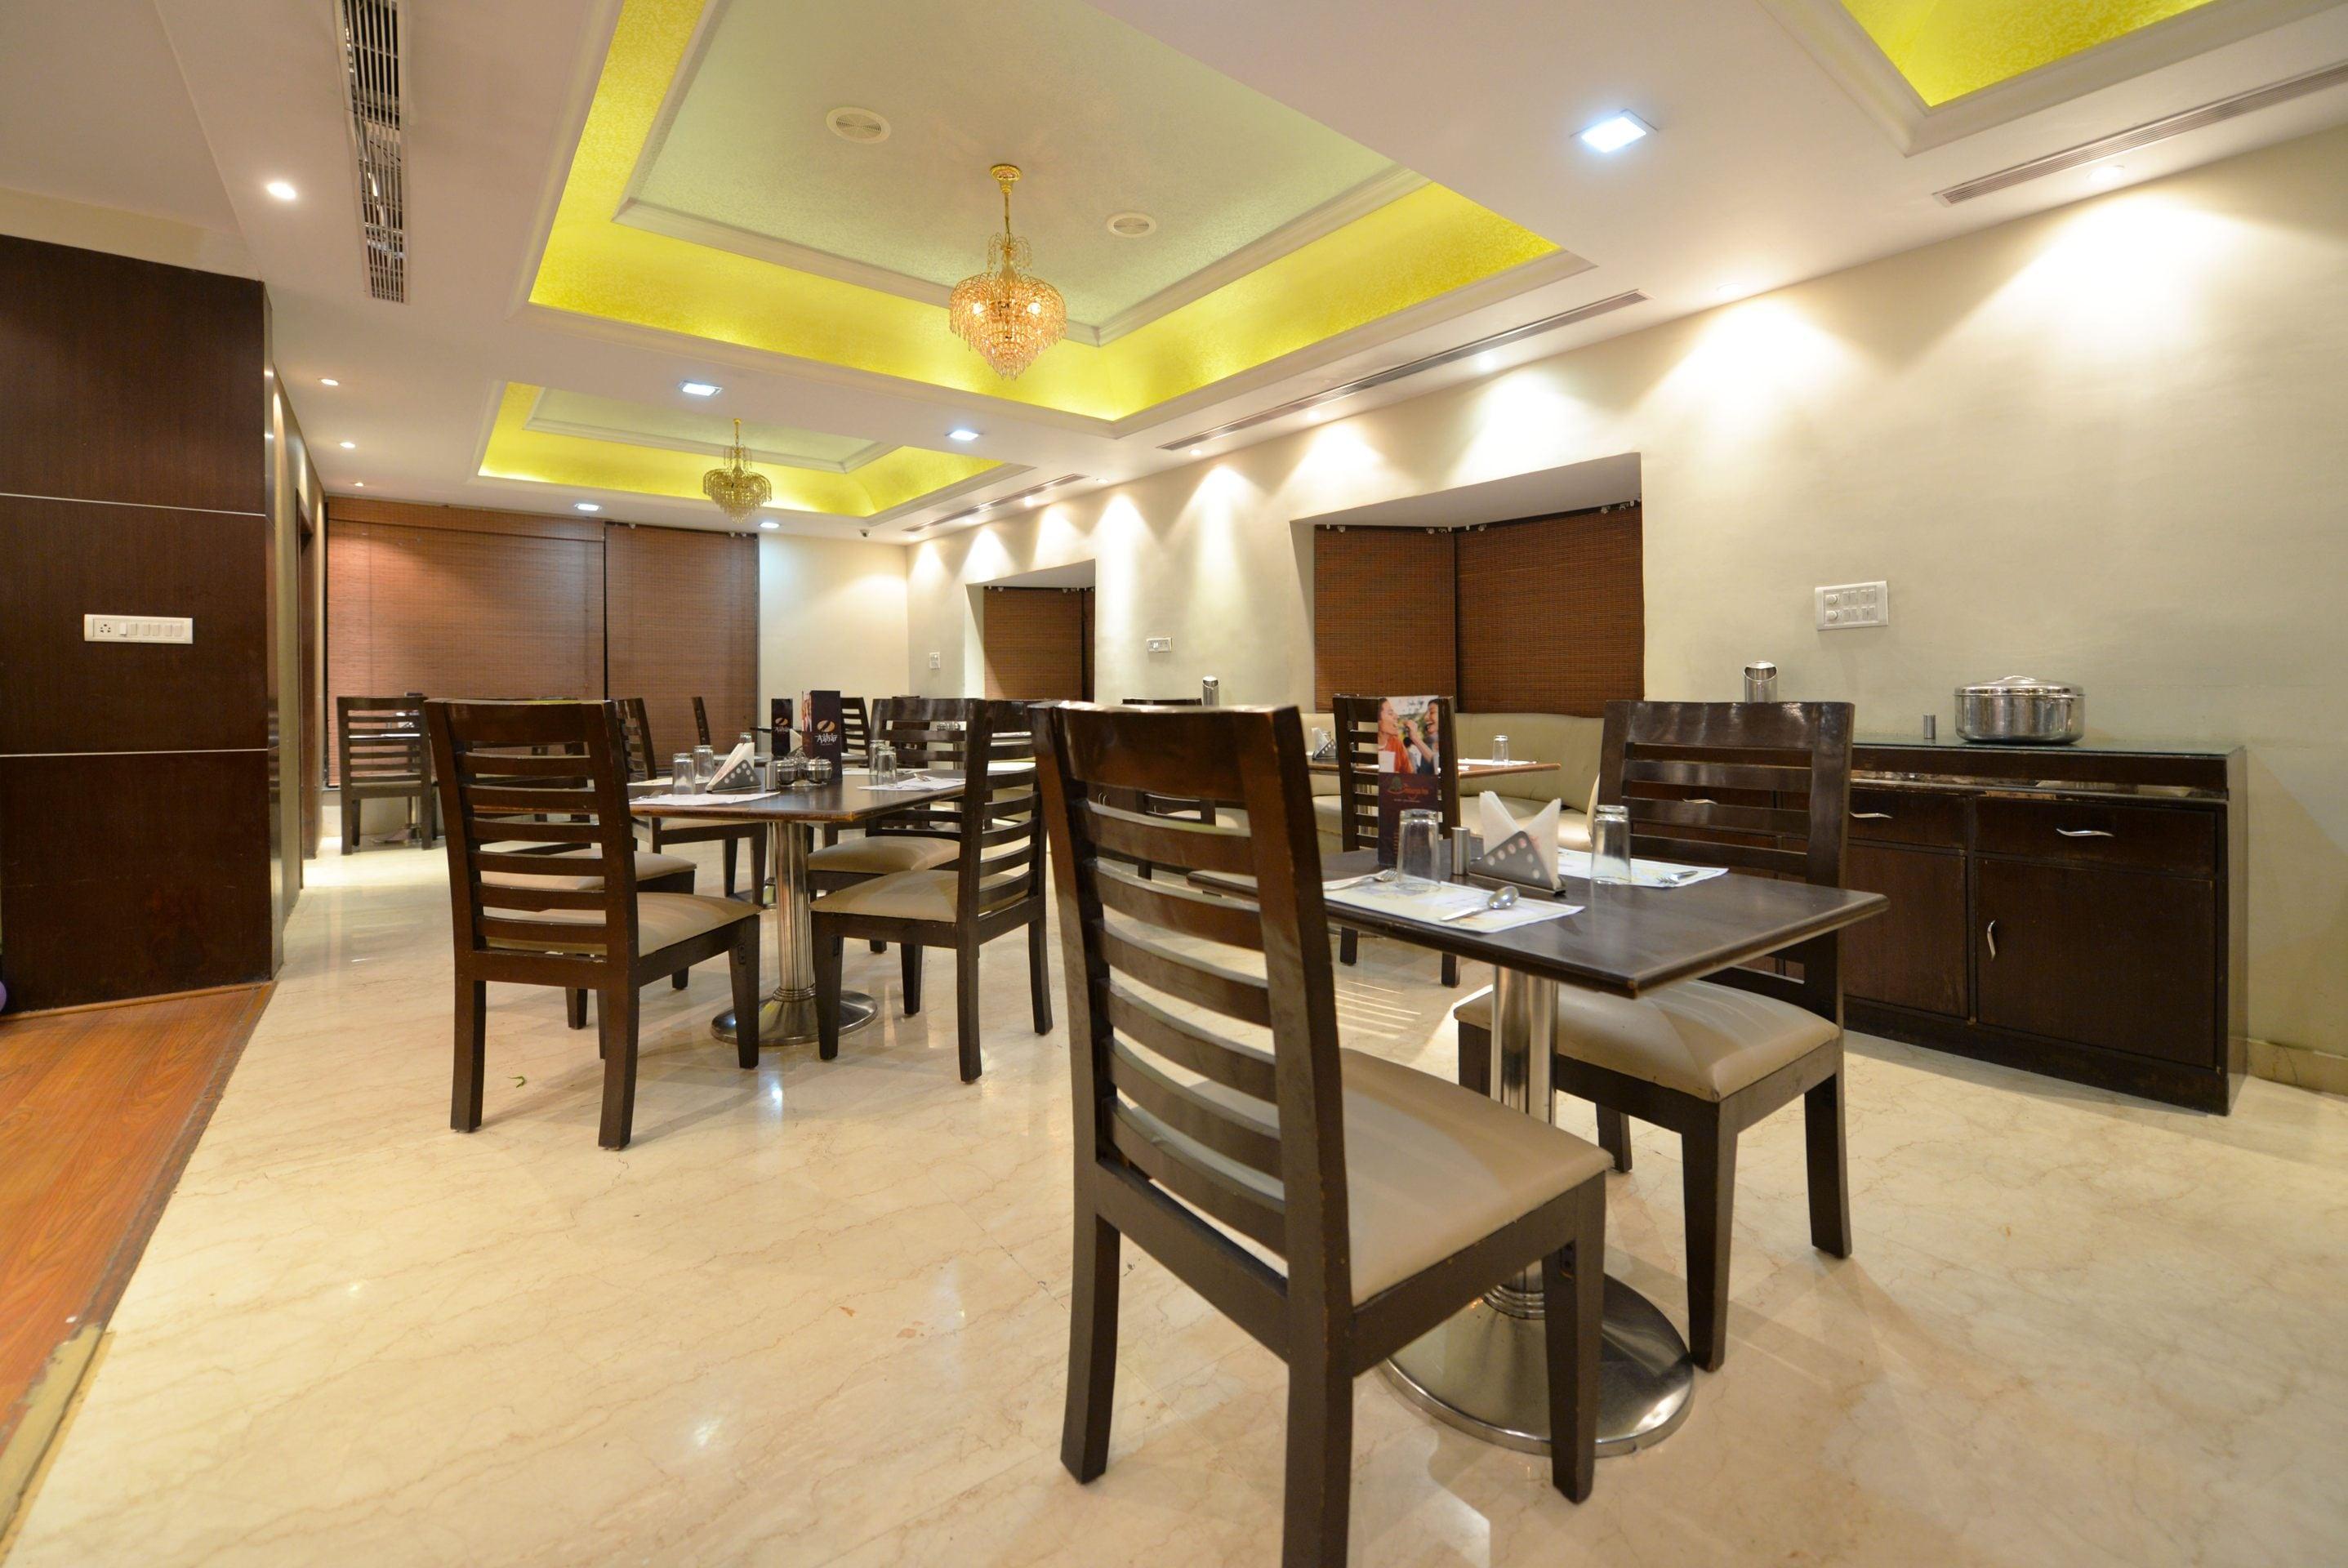 OYO Rooms Bhagya Nagar Kurnool